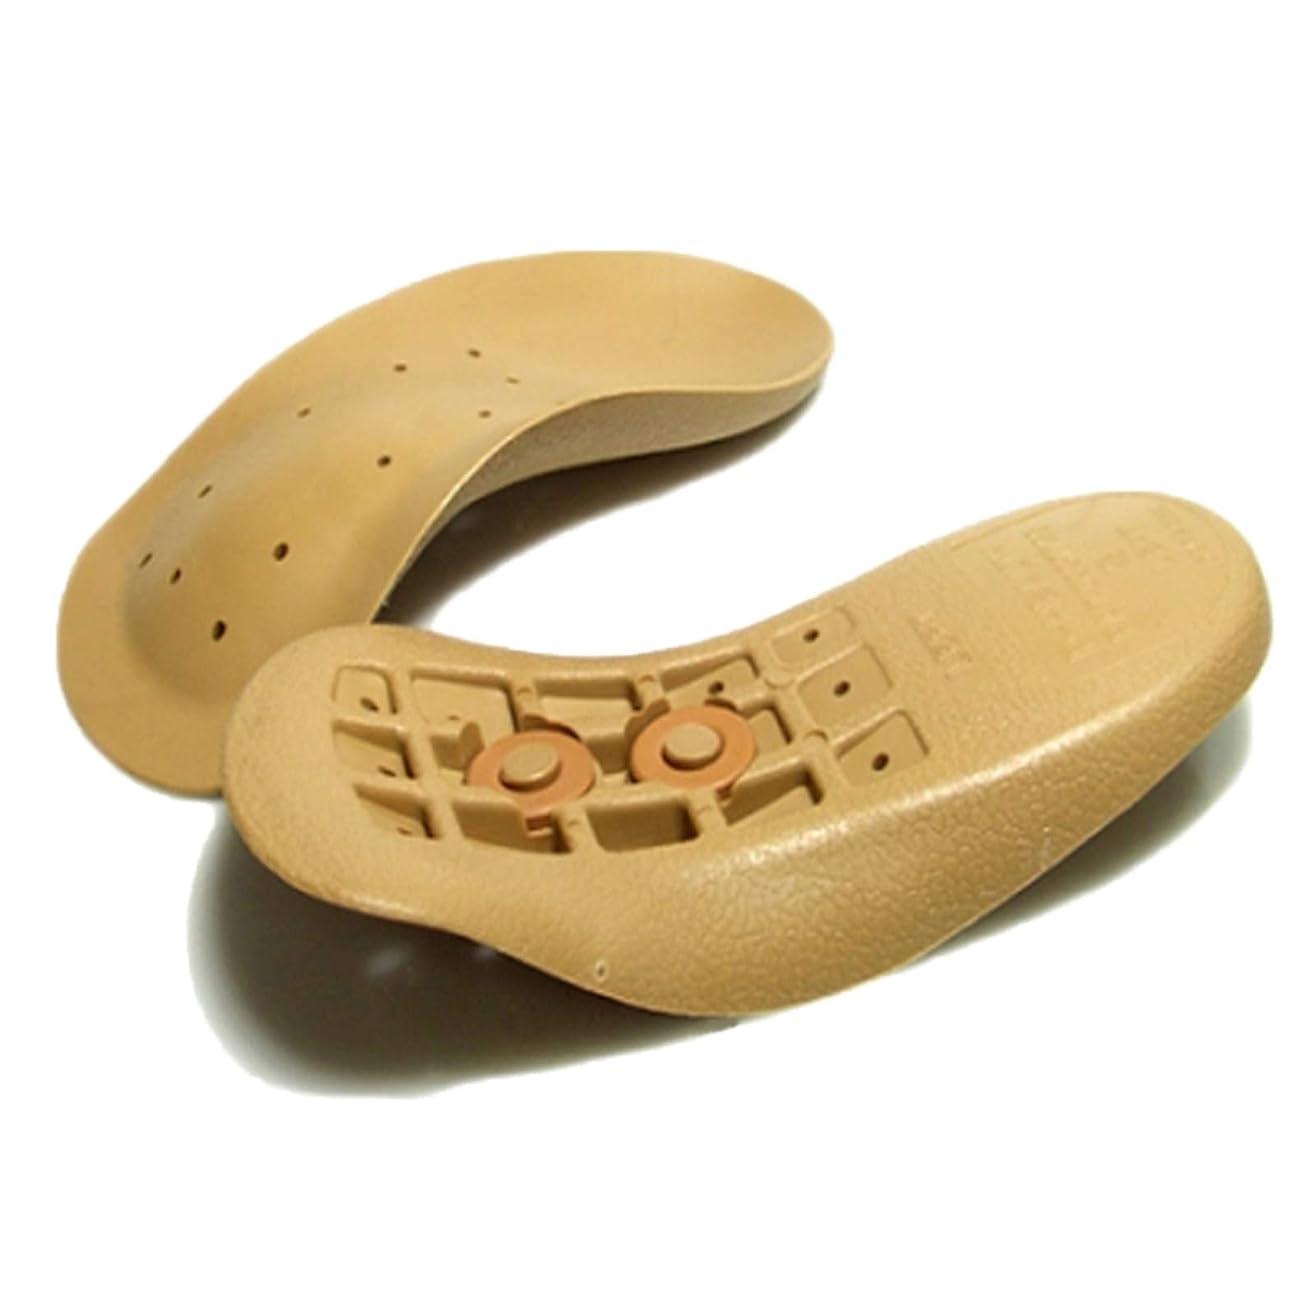 注入する編集するブランクLeaders New Power Health Insoles/足の形に合わせて科学的に設計された足の補助装置/靴インソール/指圧とストレッチの連鎖反応に着けているだけで運動効果/ 1Pair 1Set (S~L Size)